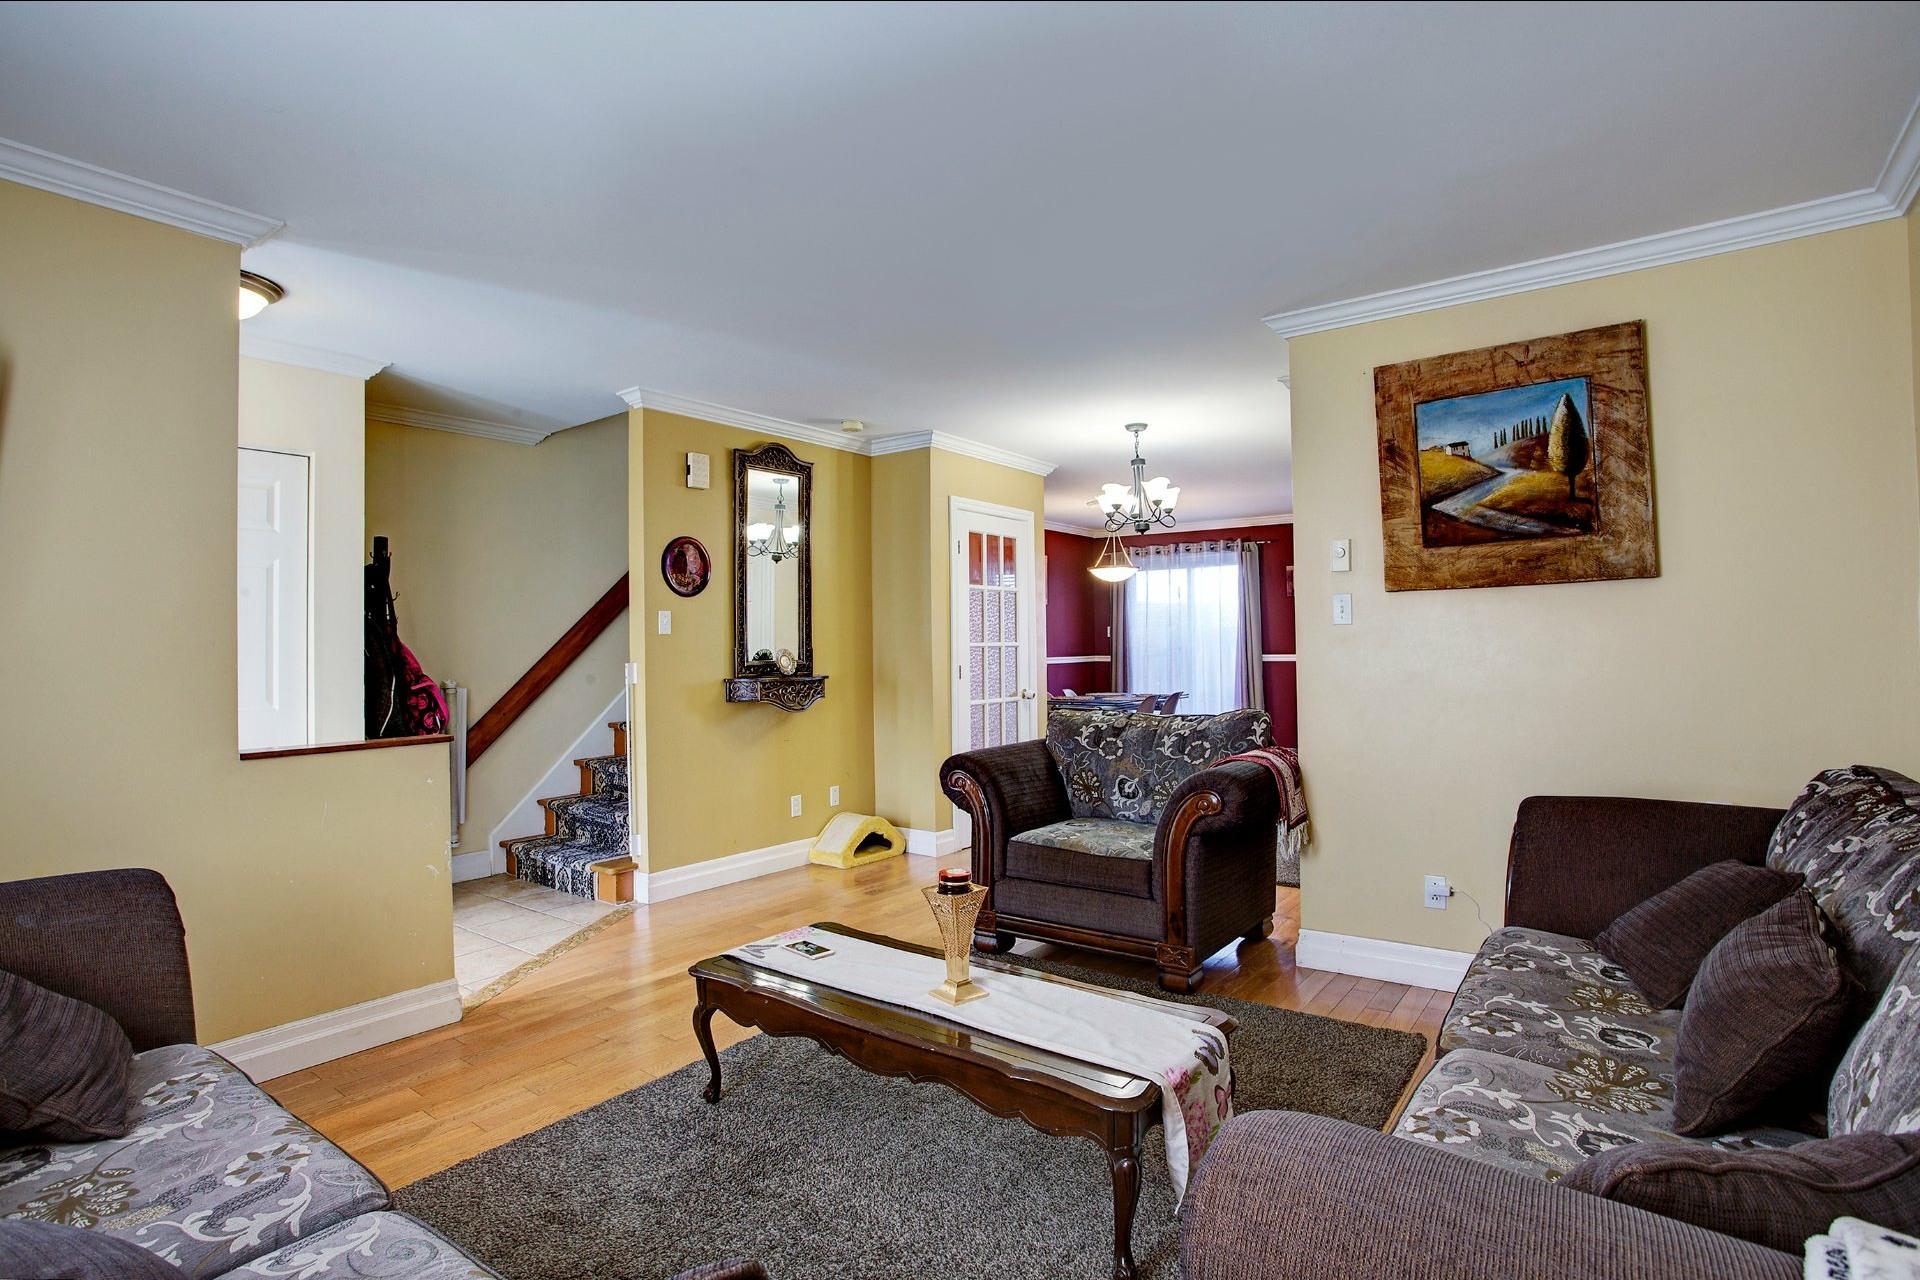 image 5 - House For sale Montréal Lachine  - 10 rooms